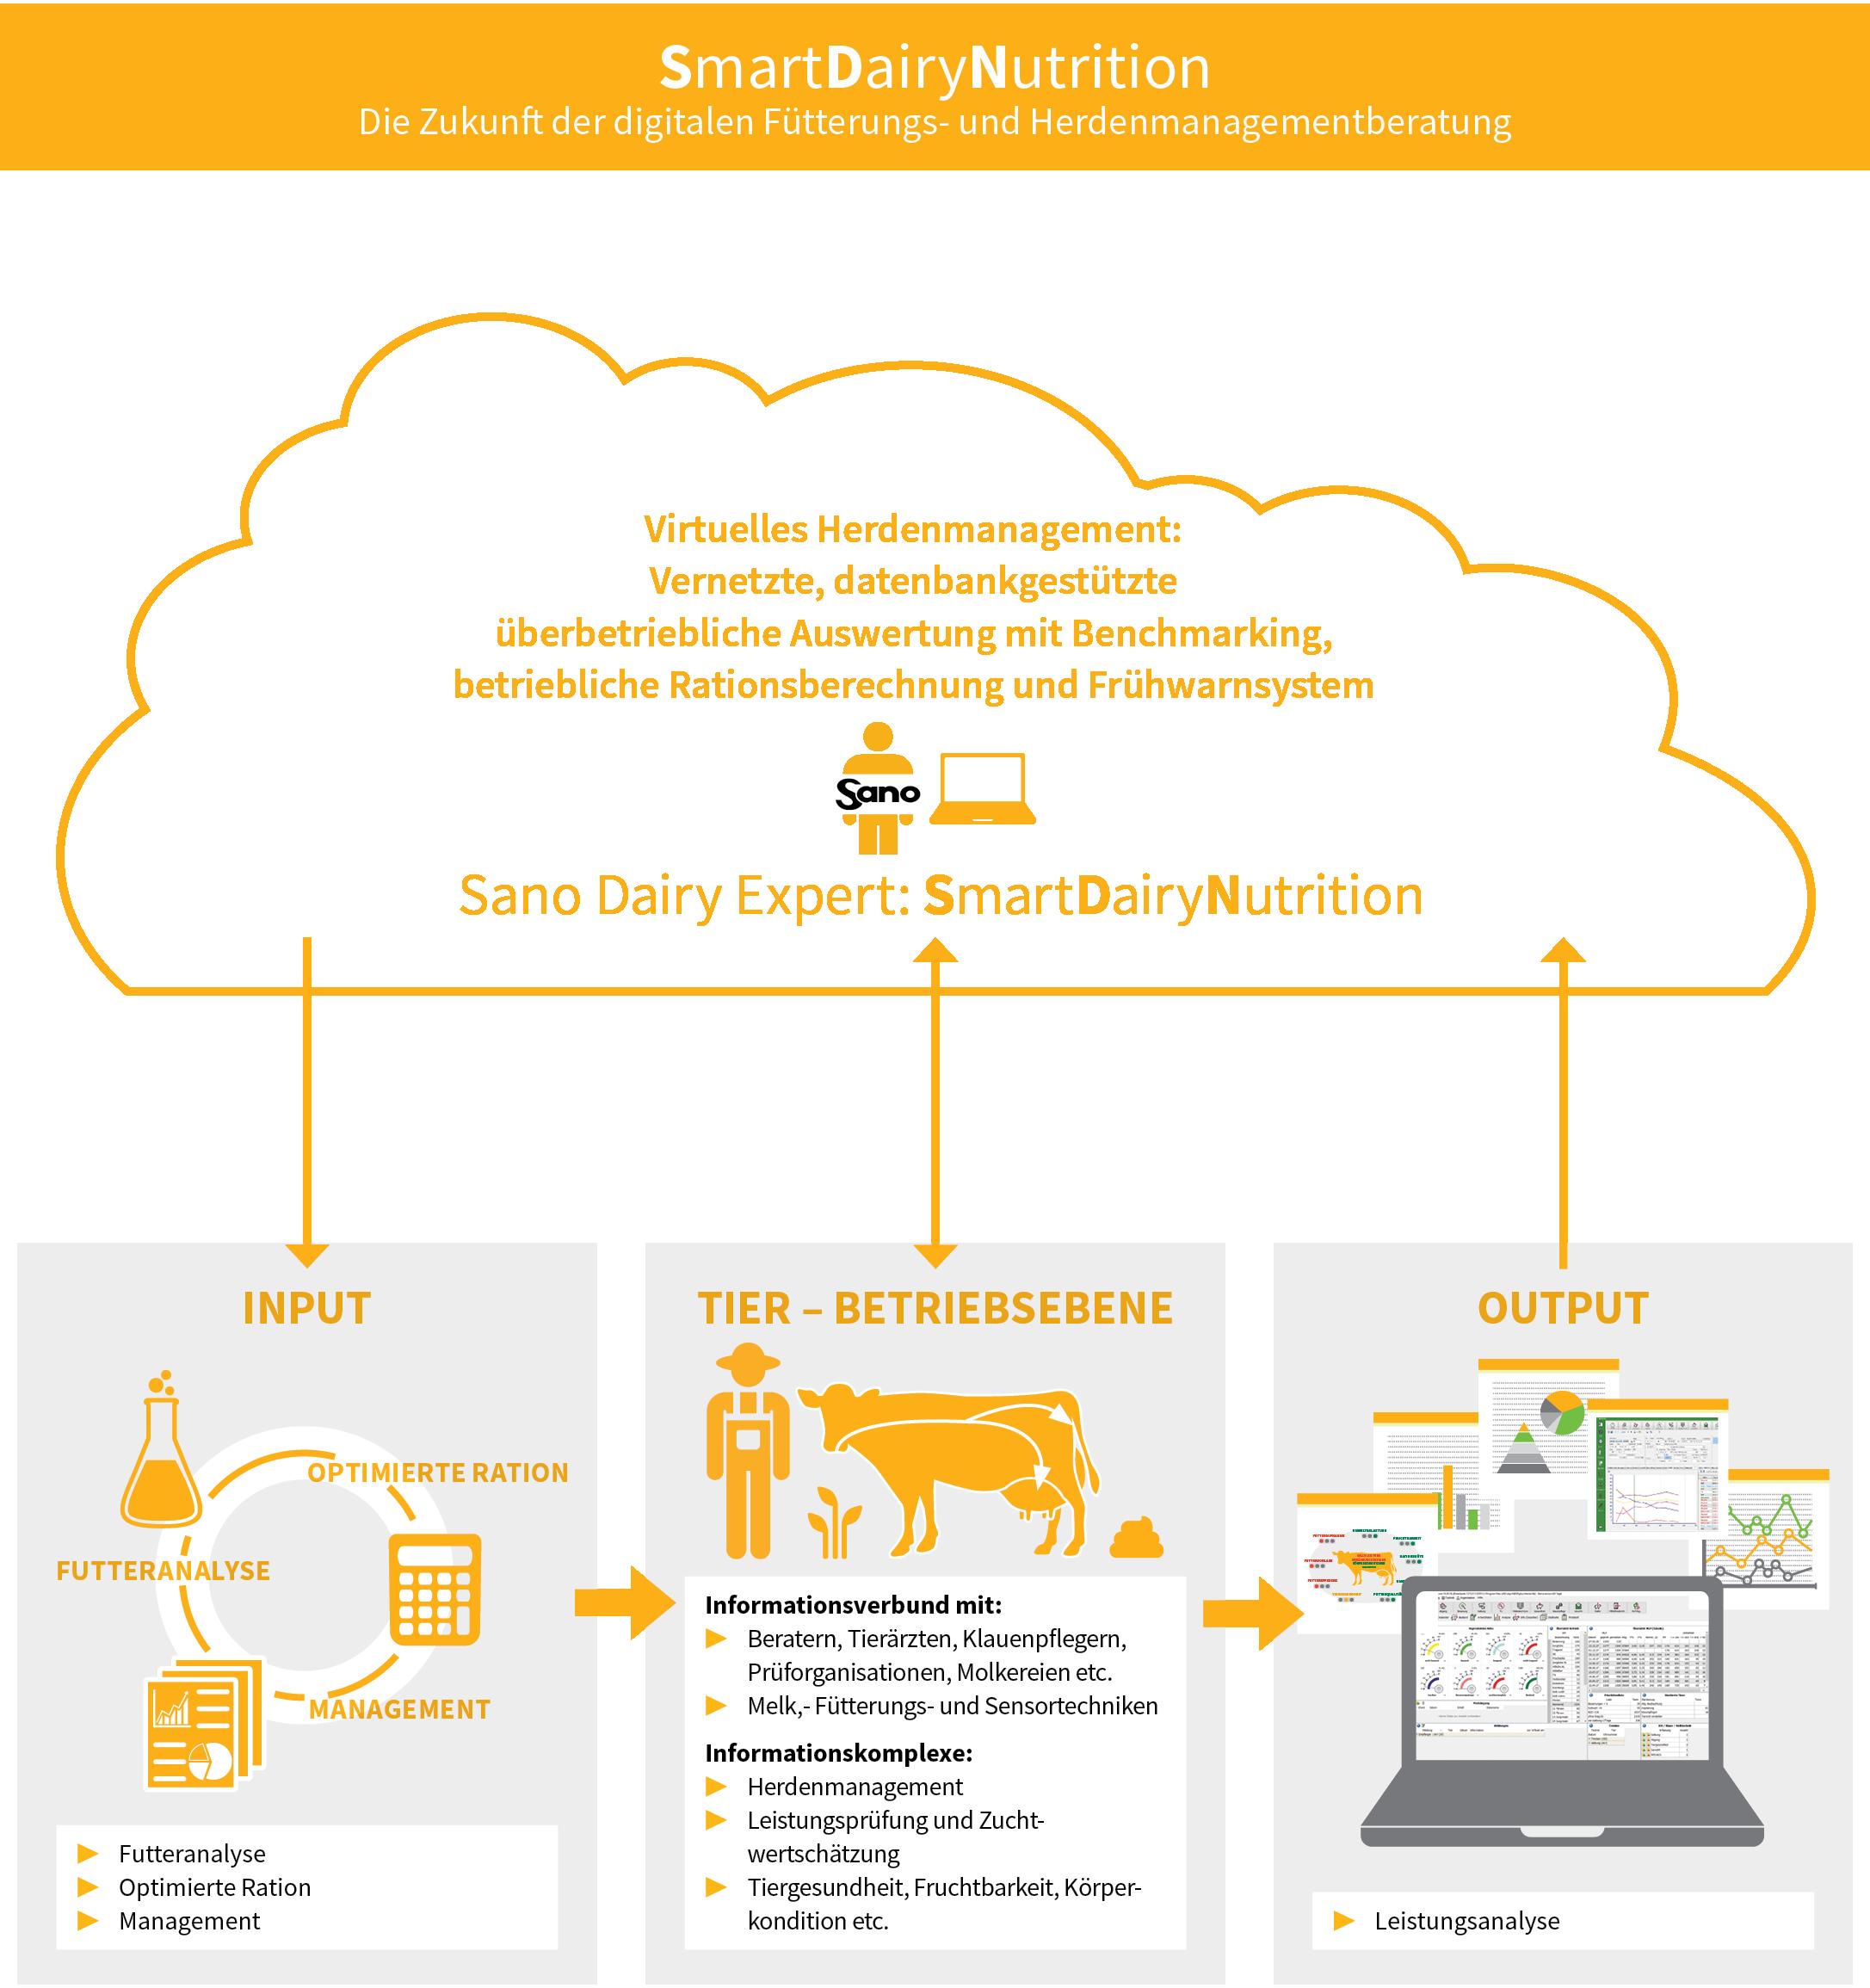 Grafik über die Funktionsweise des Systems SmartDairyNurition - die Zukunft der digitalen Fütterungs- und Herdenmanagementberatung